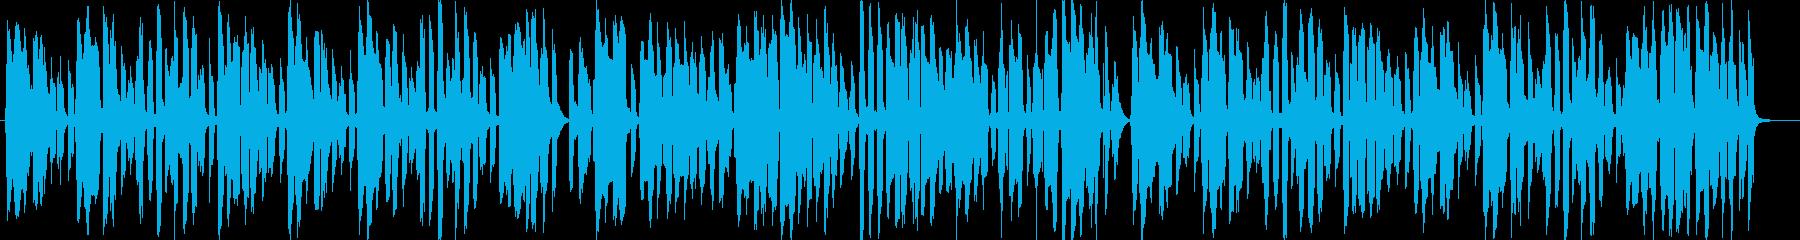 昔の思い出を、なつかしく感じるBGMの再生済みの波形